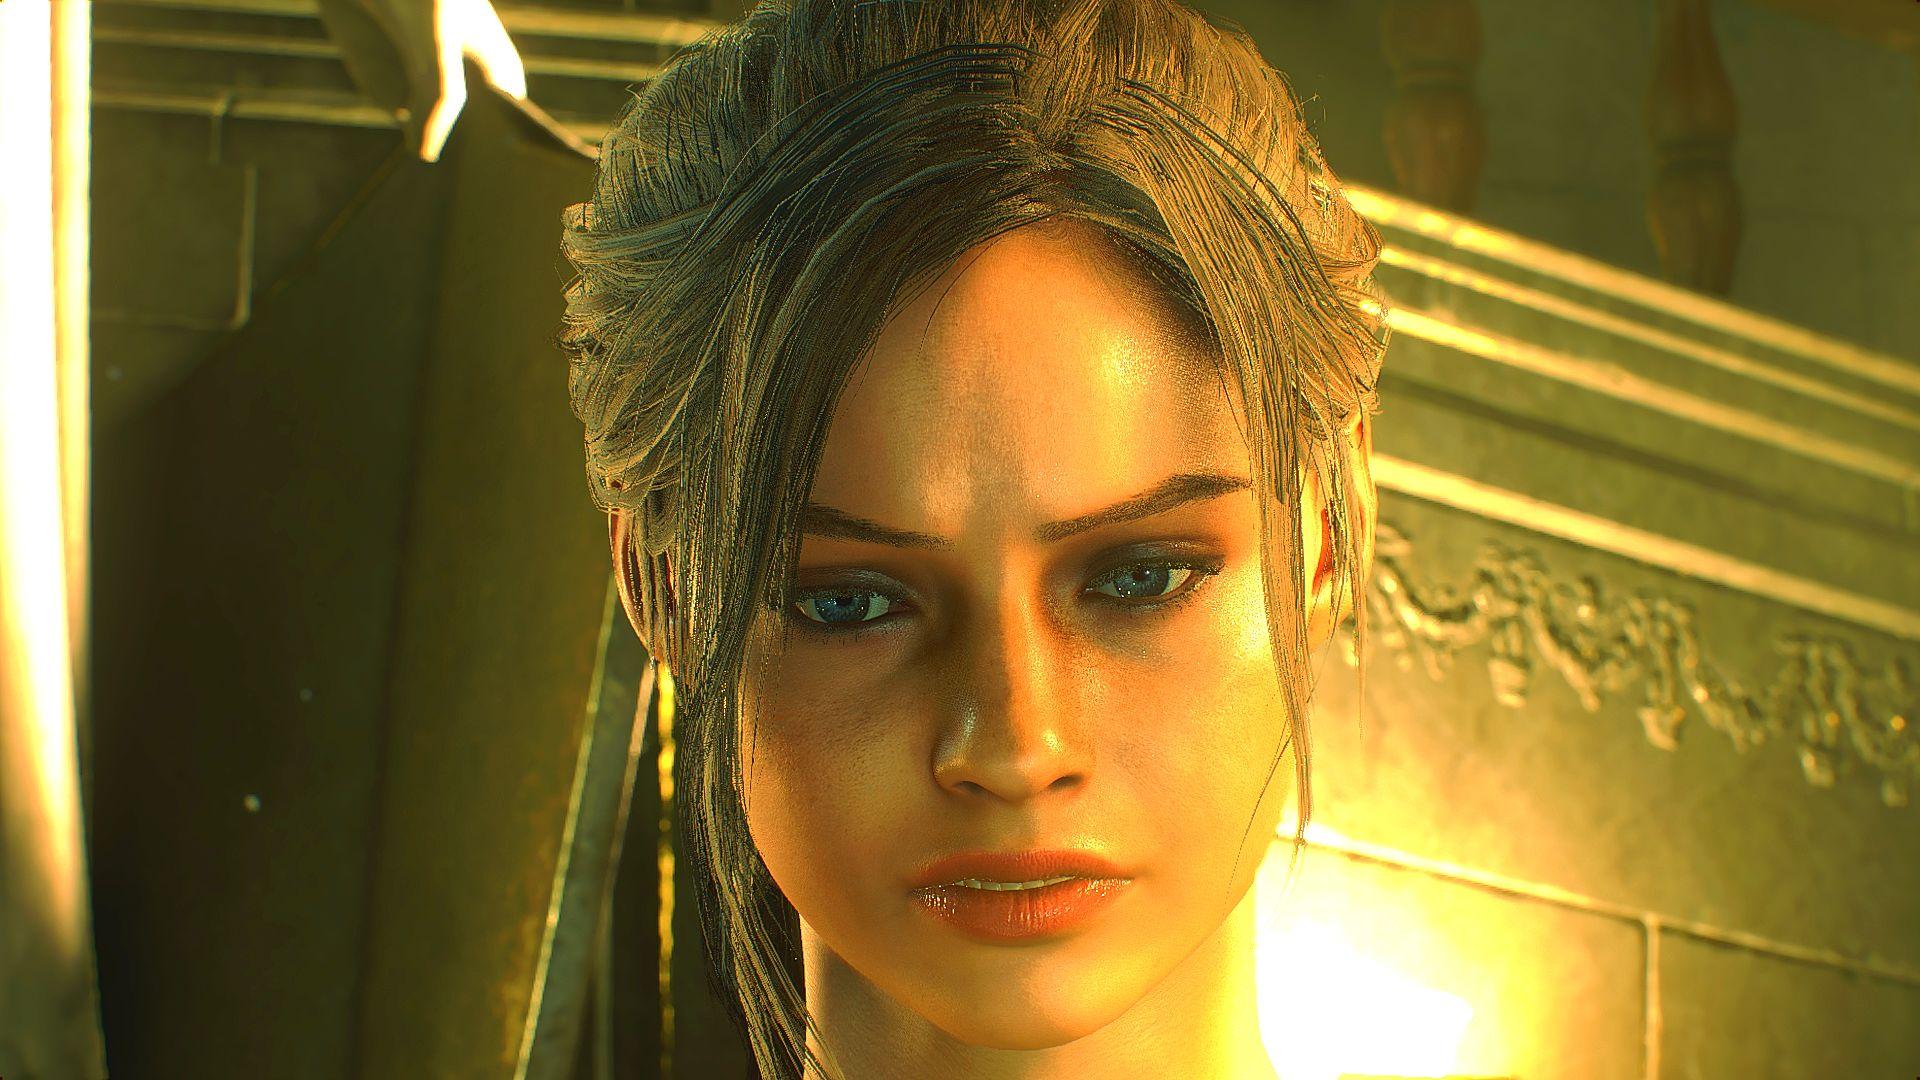 000200.Jpg - Resident Evil 2